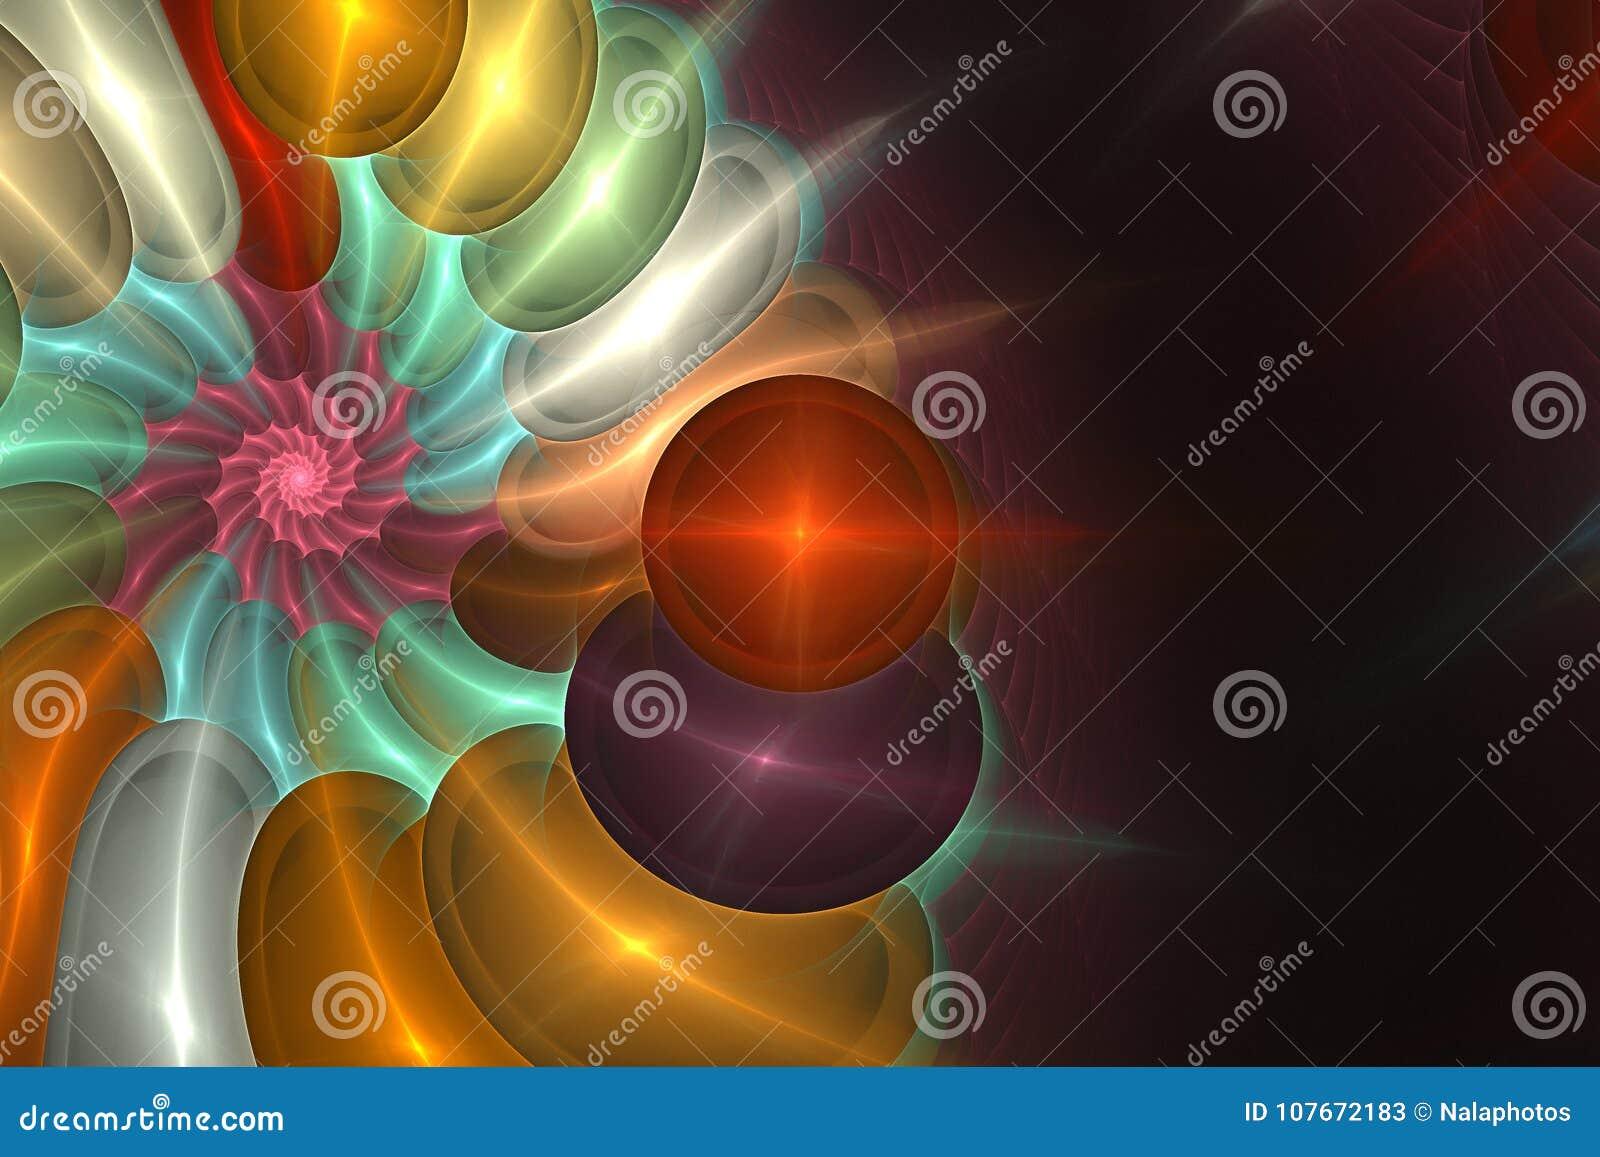 几何分数维形状可能说明作白日梦的想象力荧光的空间梦想不可思议的核爆炸频率样式